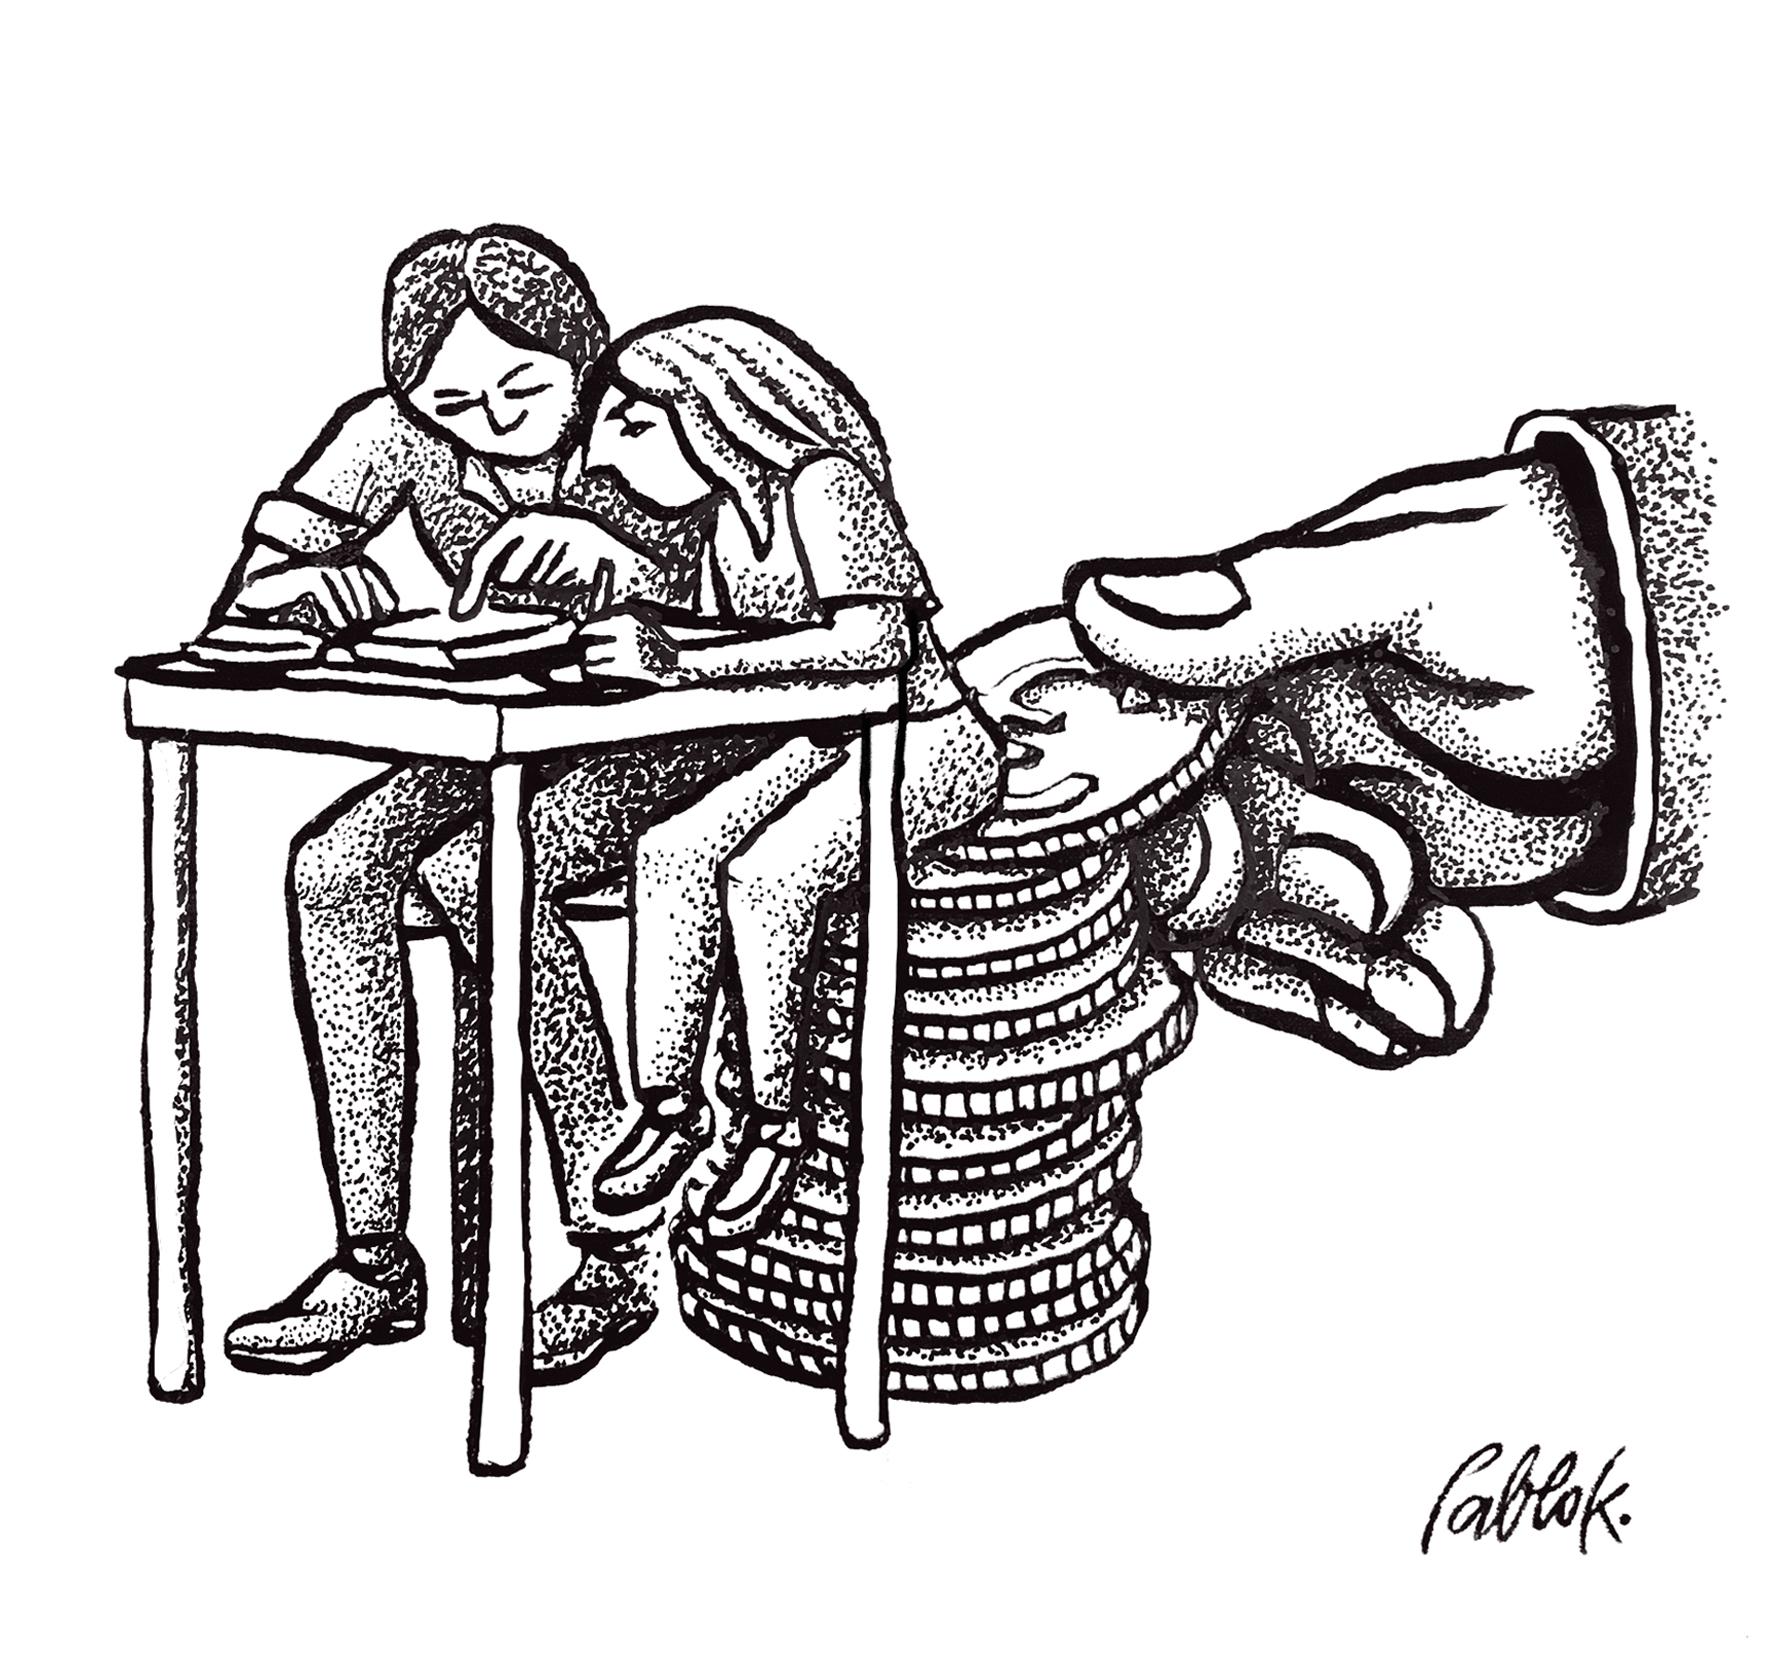 Le soutien scolaire marchand : un produit dopant dans un cadre concurrentiel